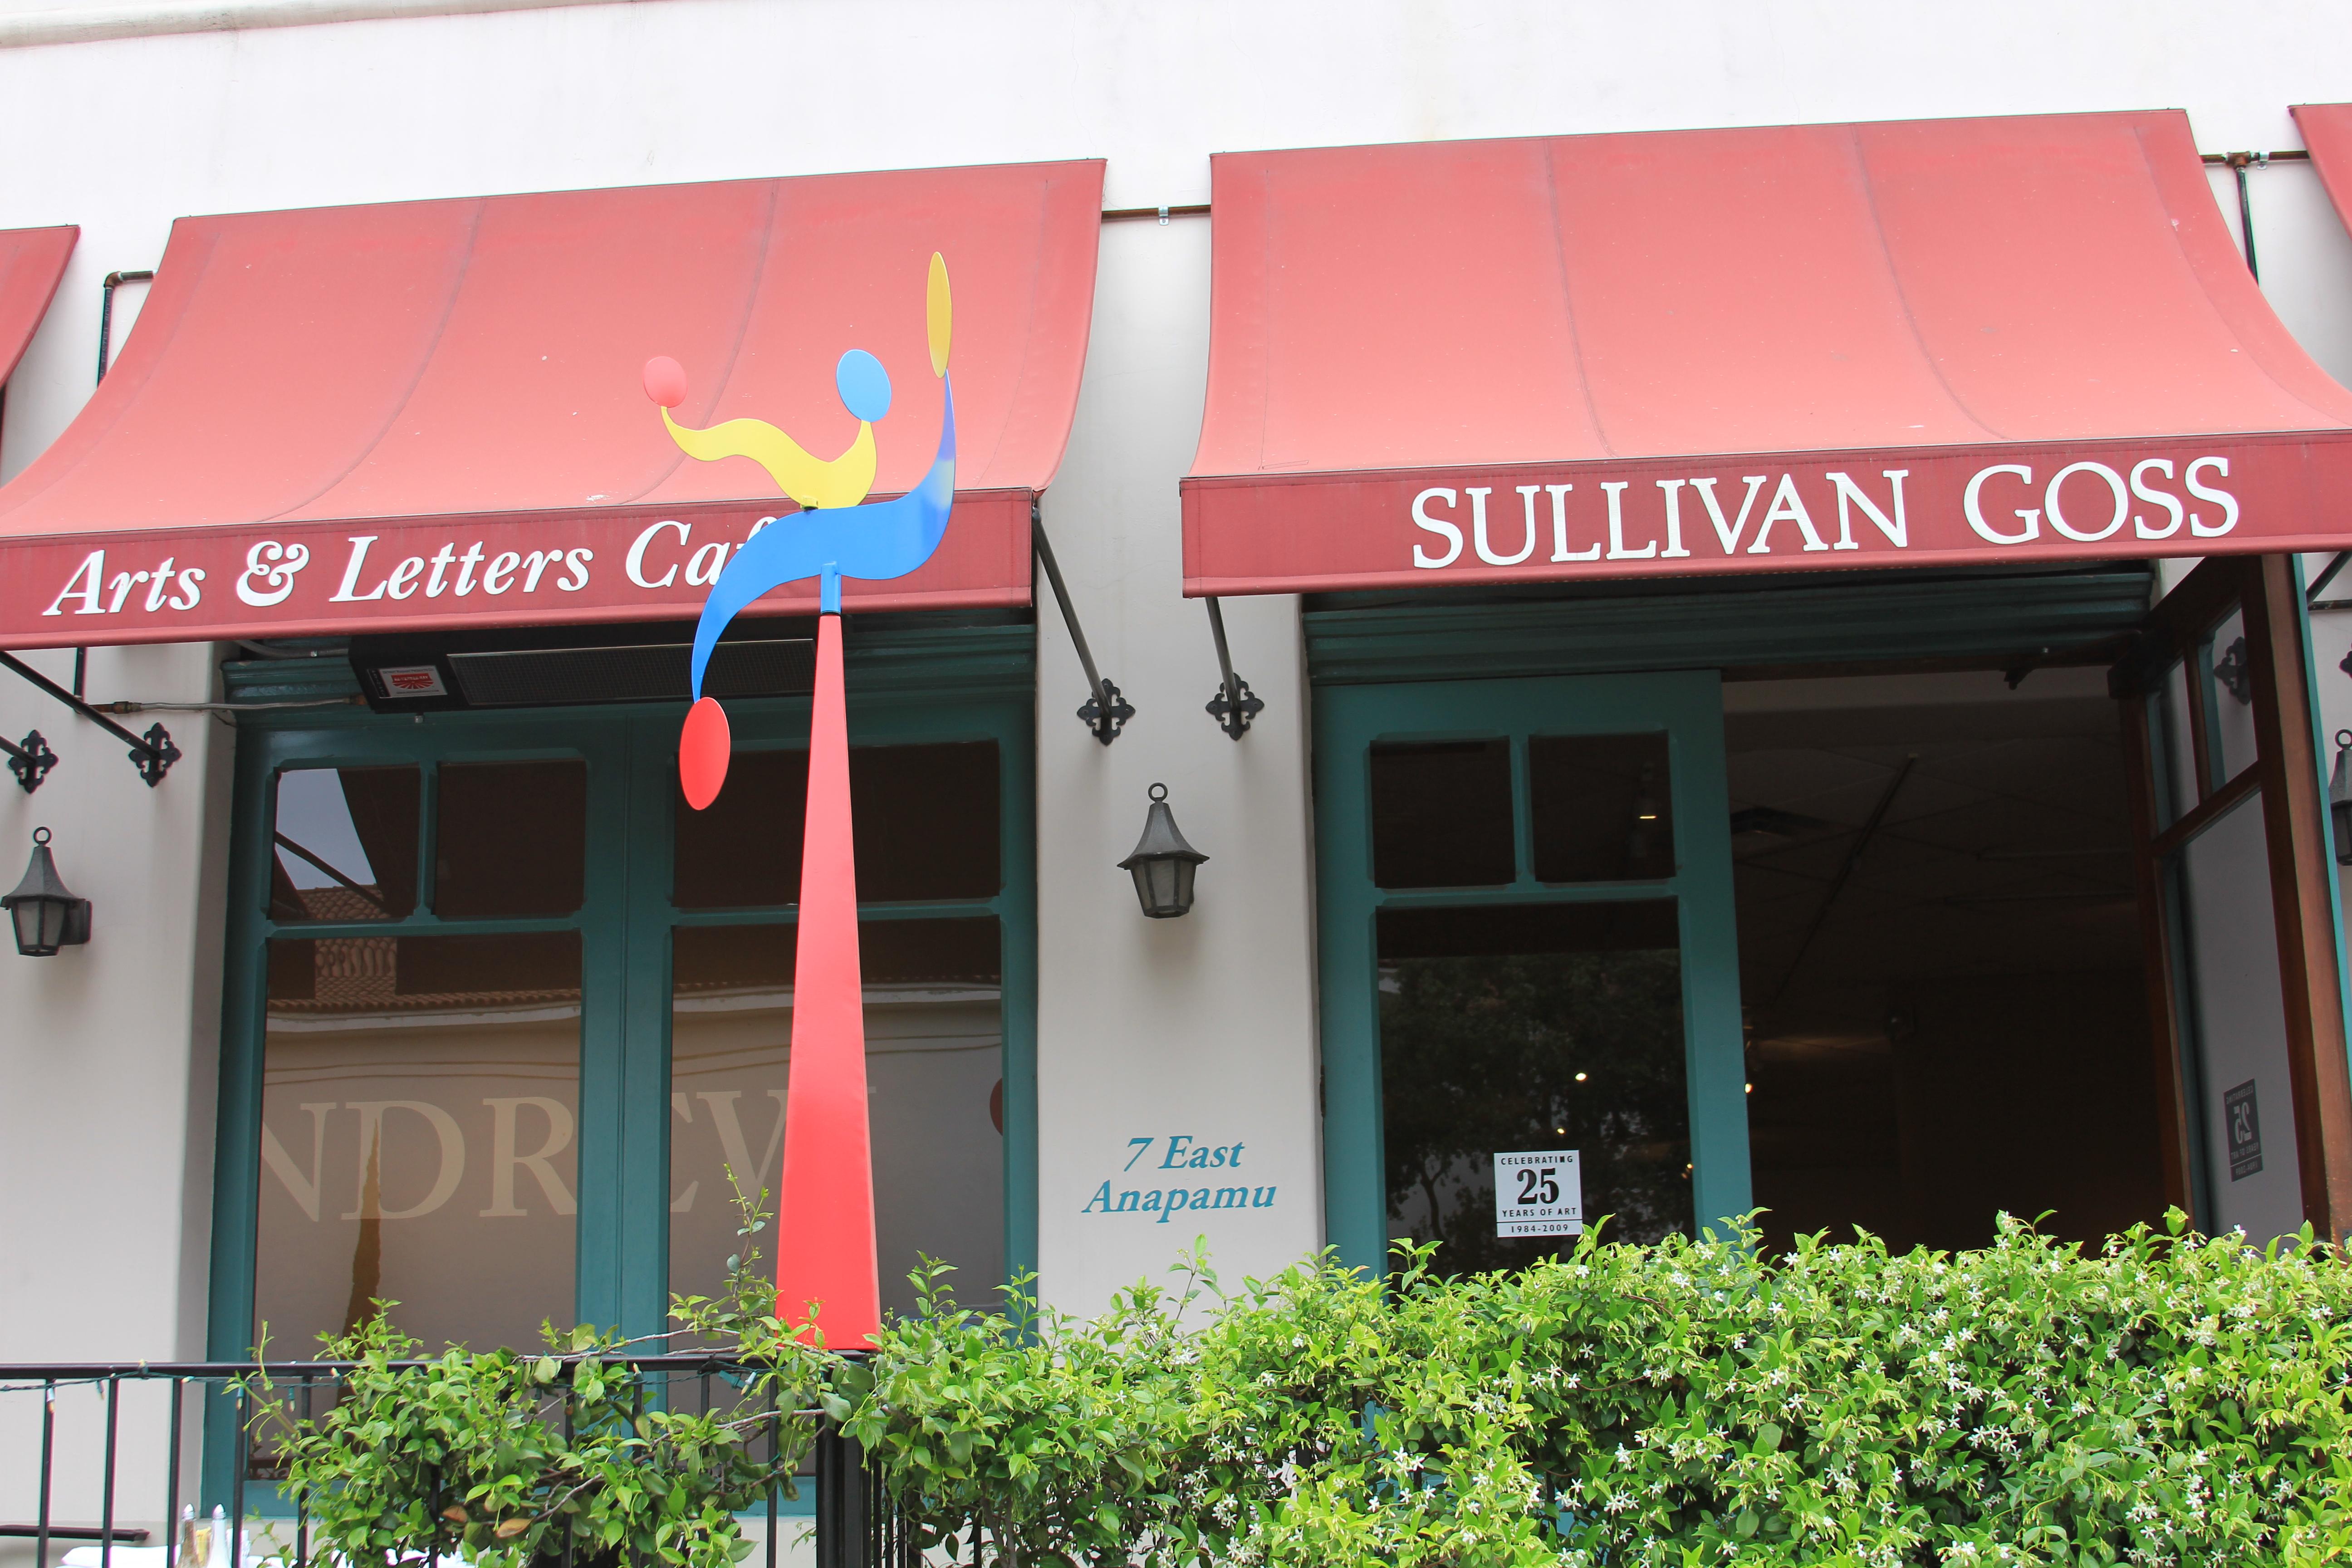 Sullivan Goss Gallery